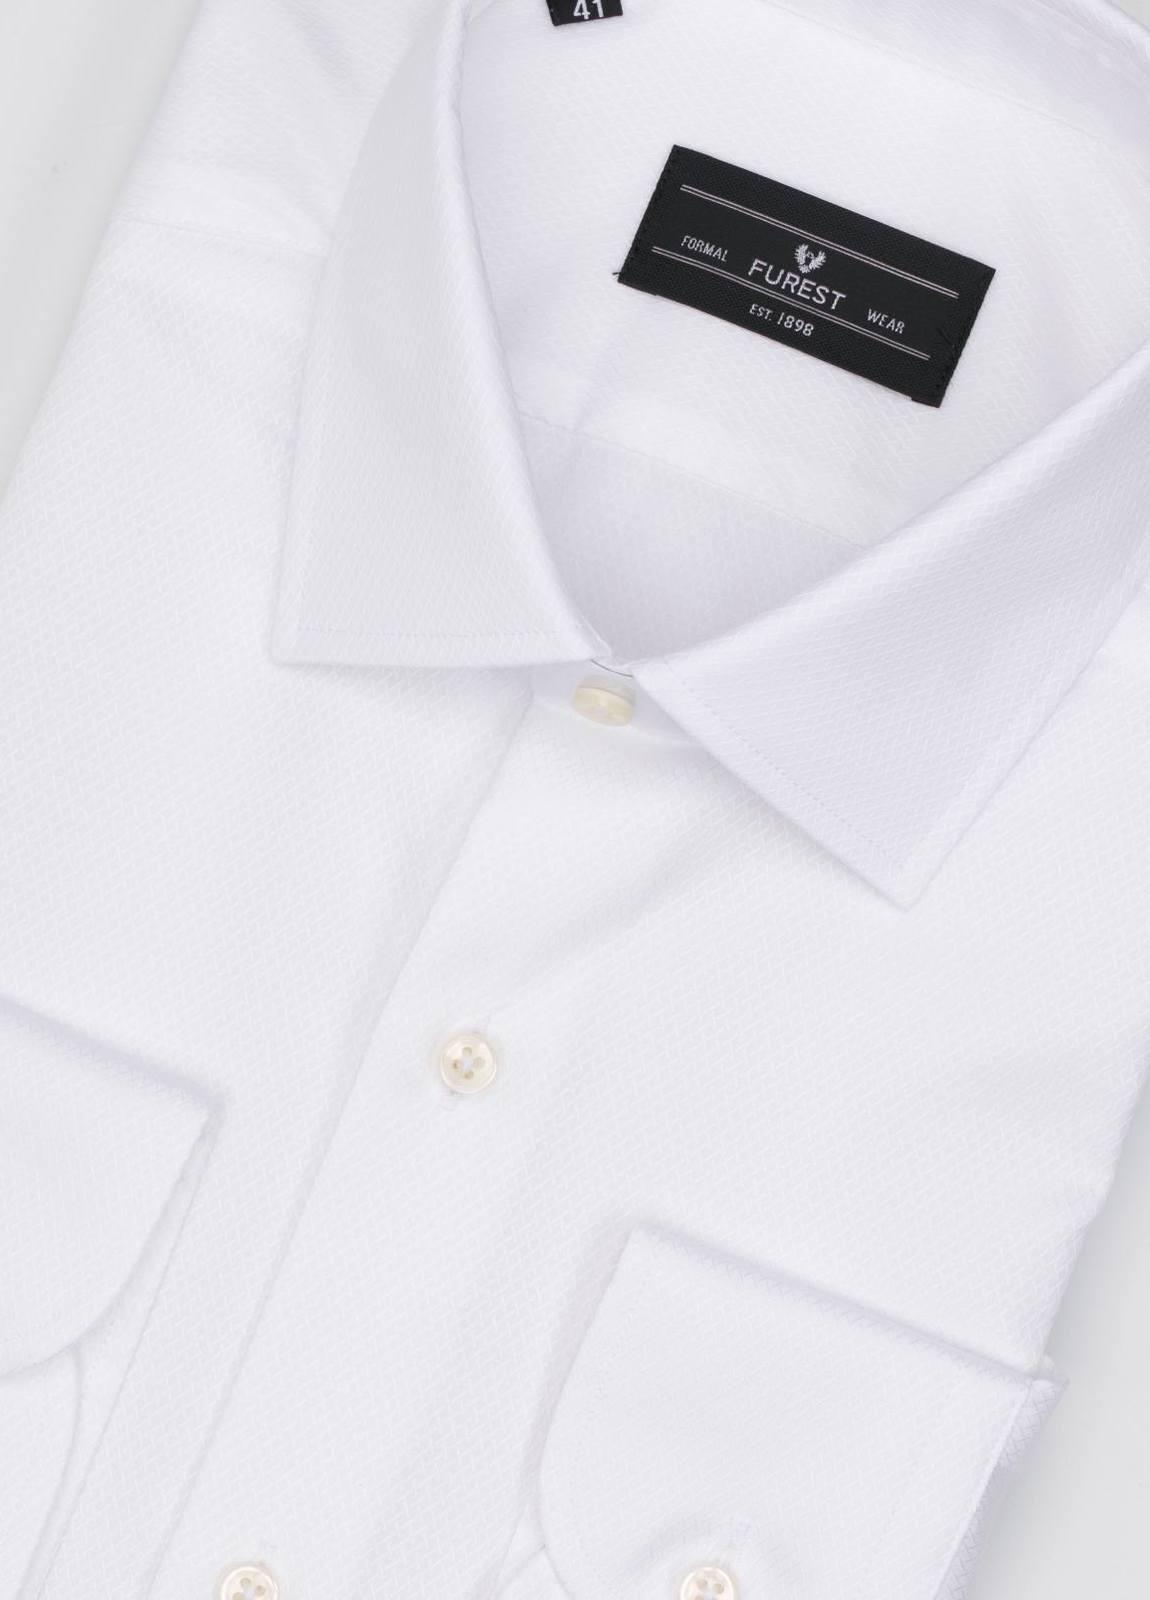 Camisa Formal Wear SLIM FIT cuello italiano modelo ROMA tejido micrograbado color blanco, 100% Algodón. - Ítem2